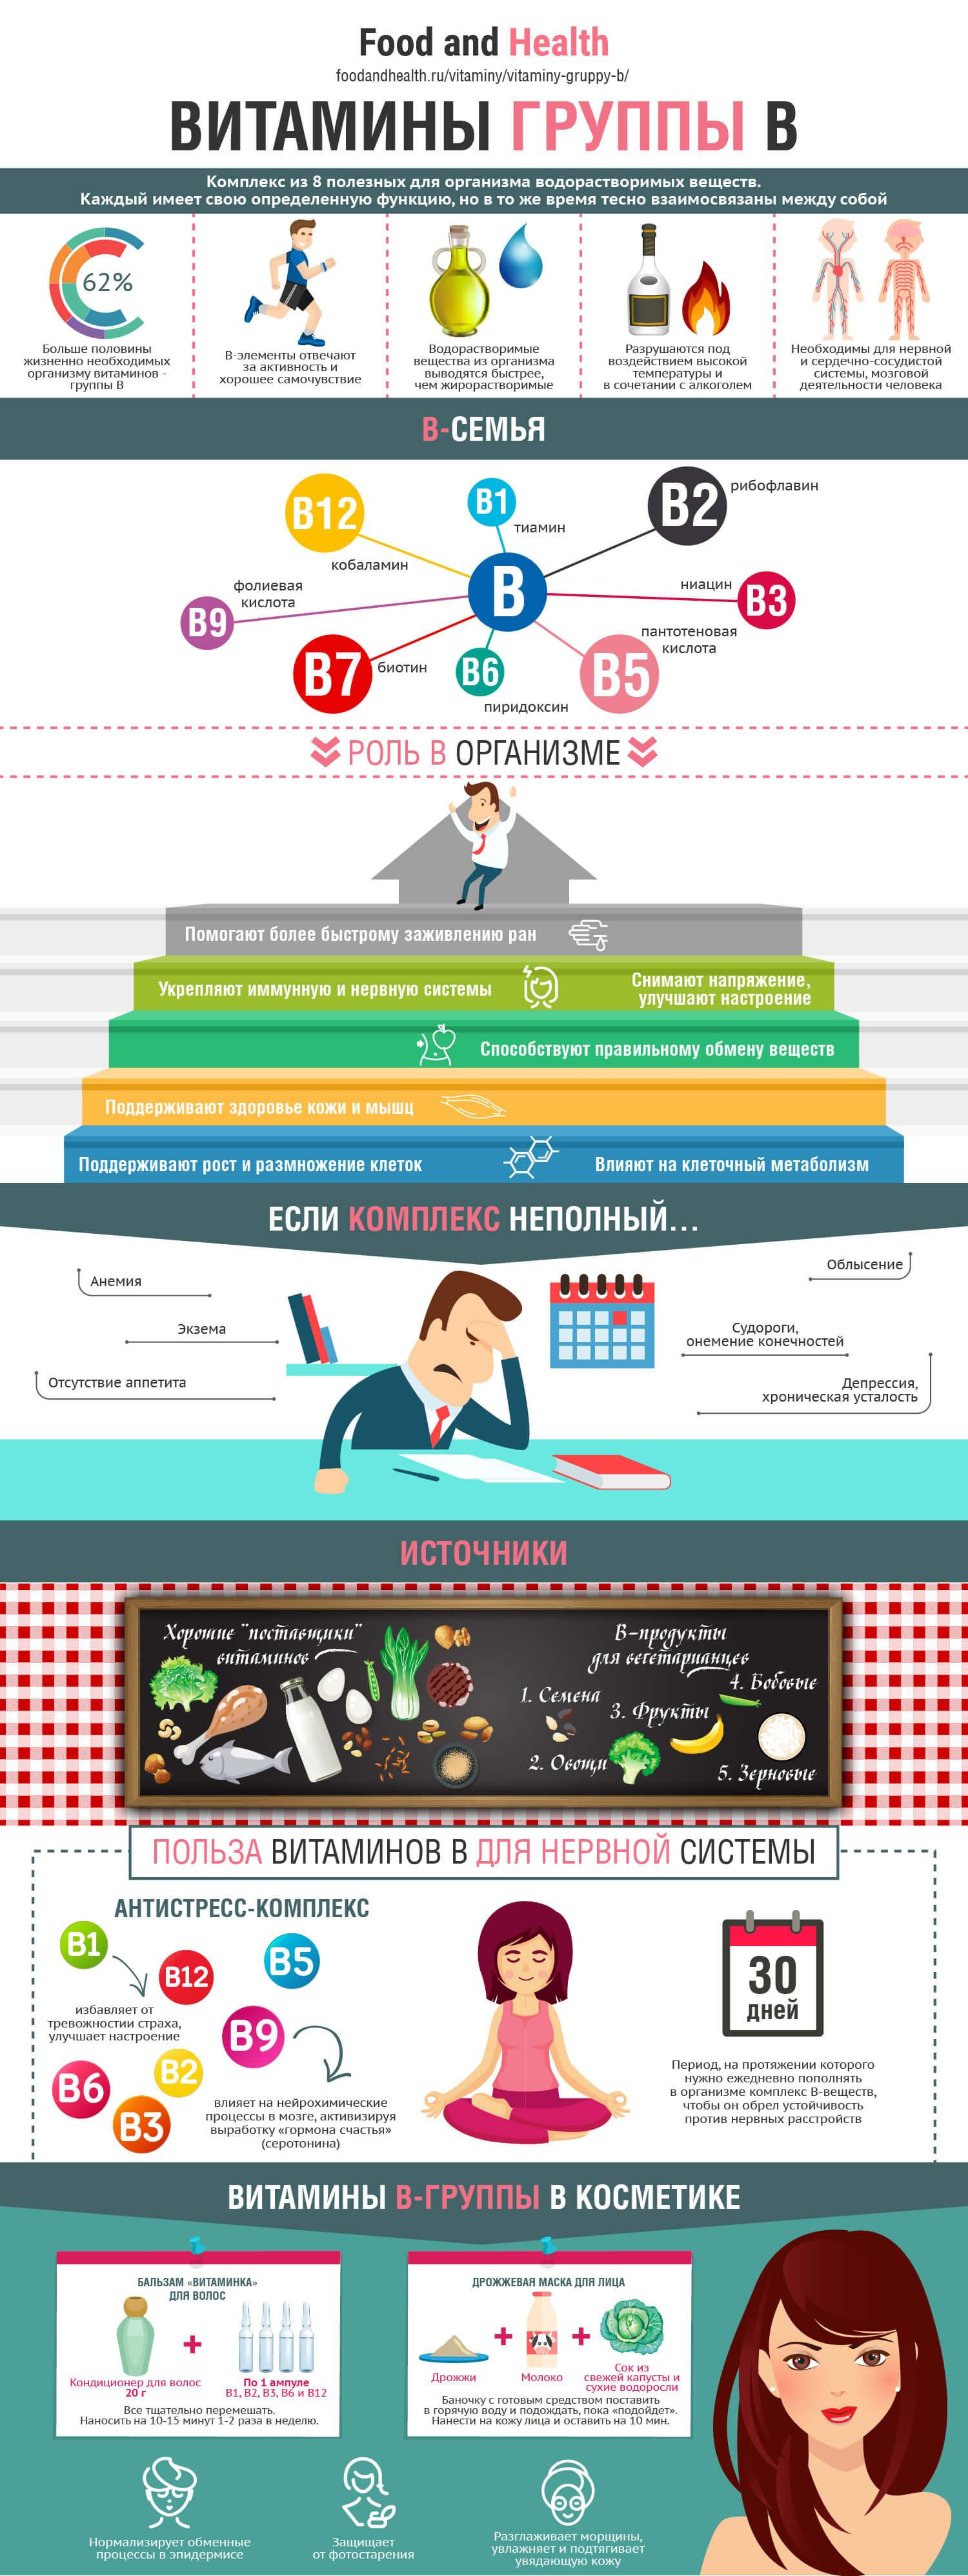 Витамины группы B: инфографика